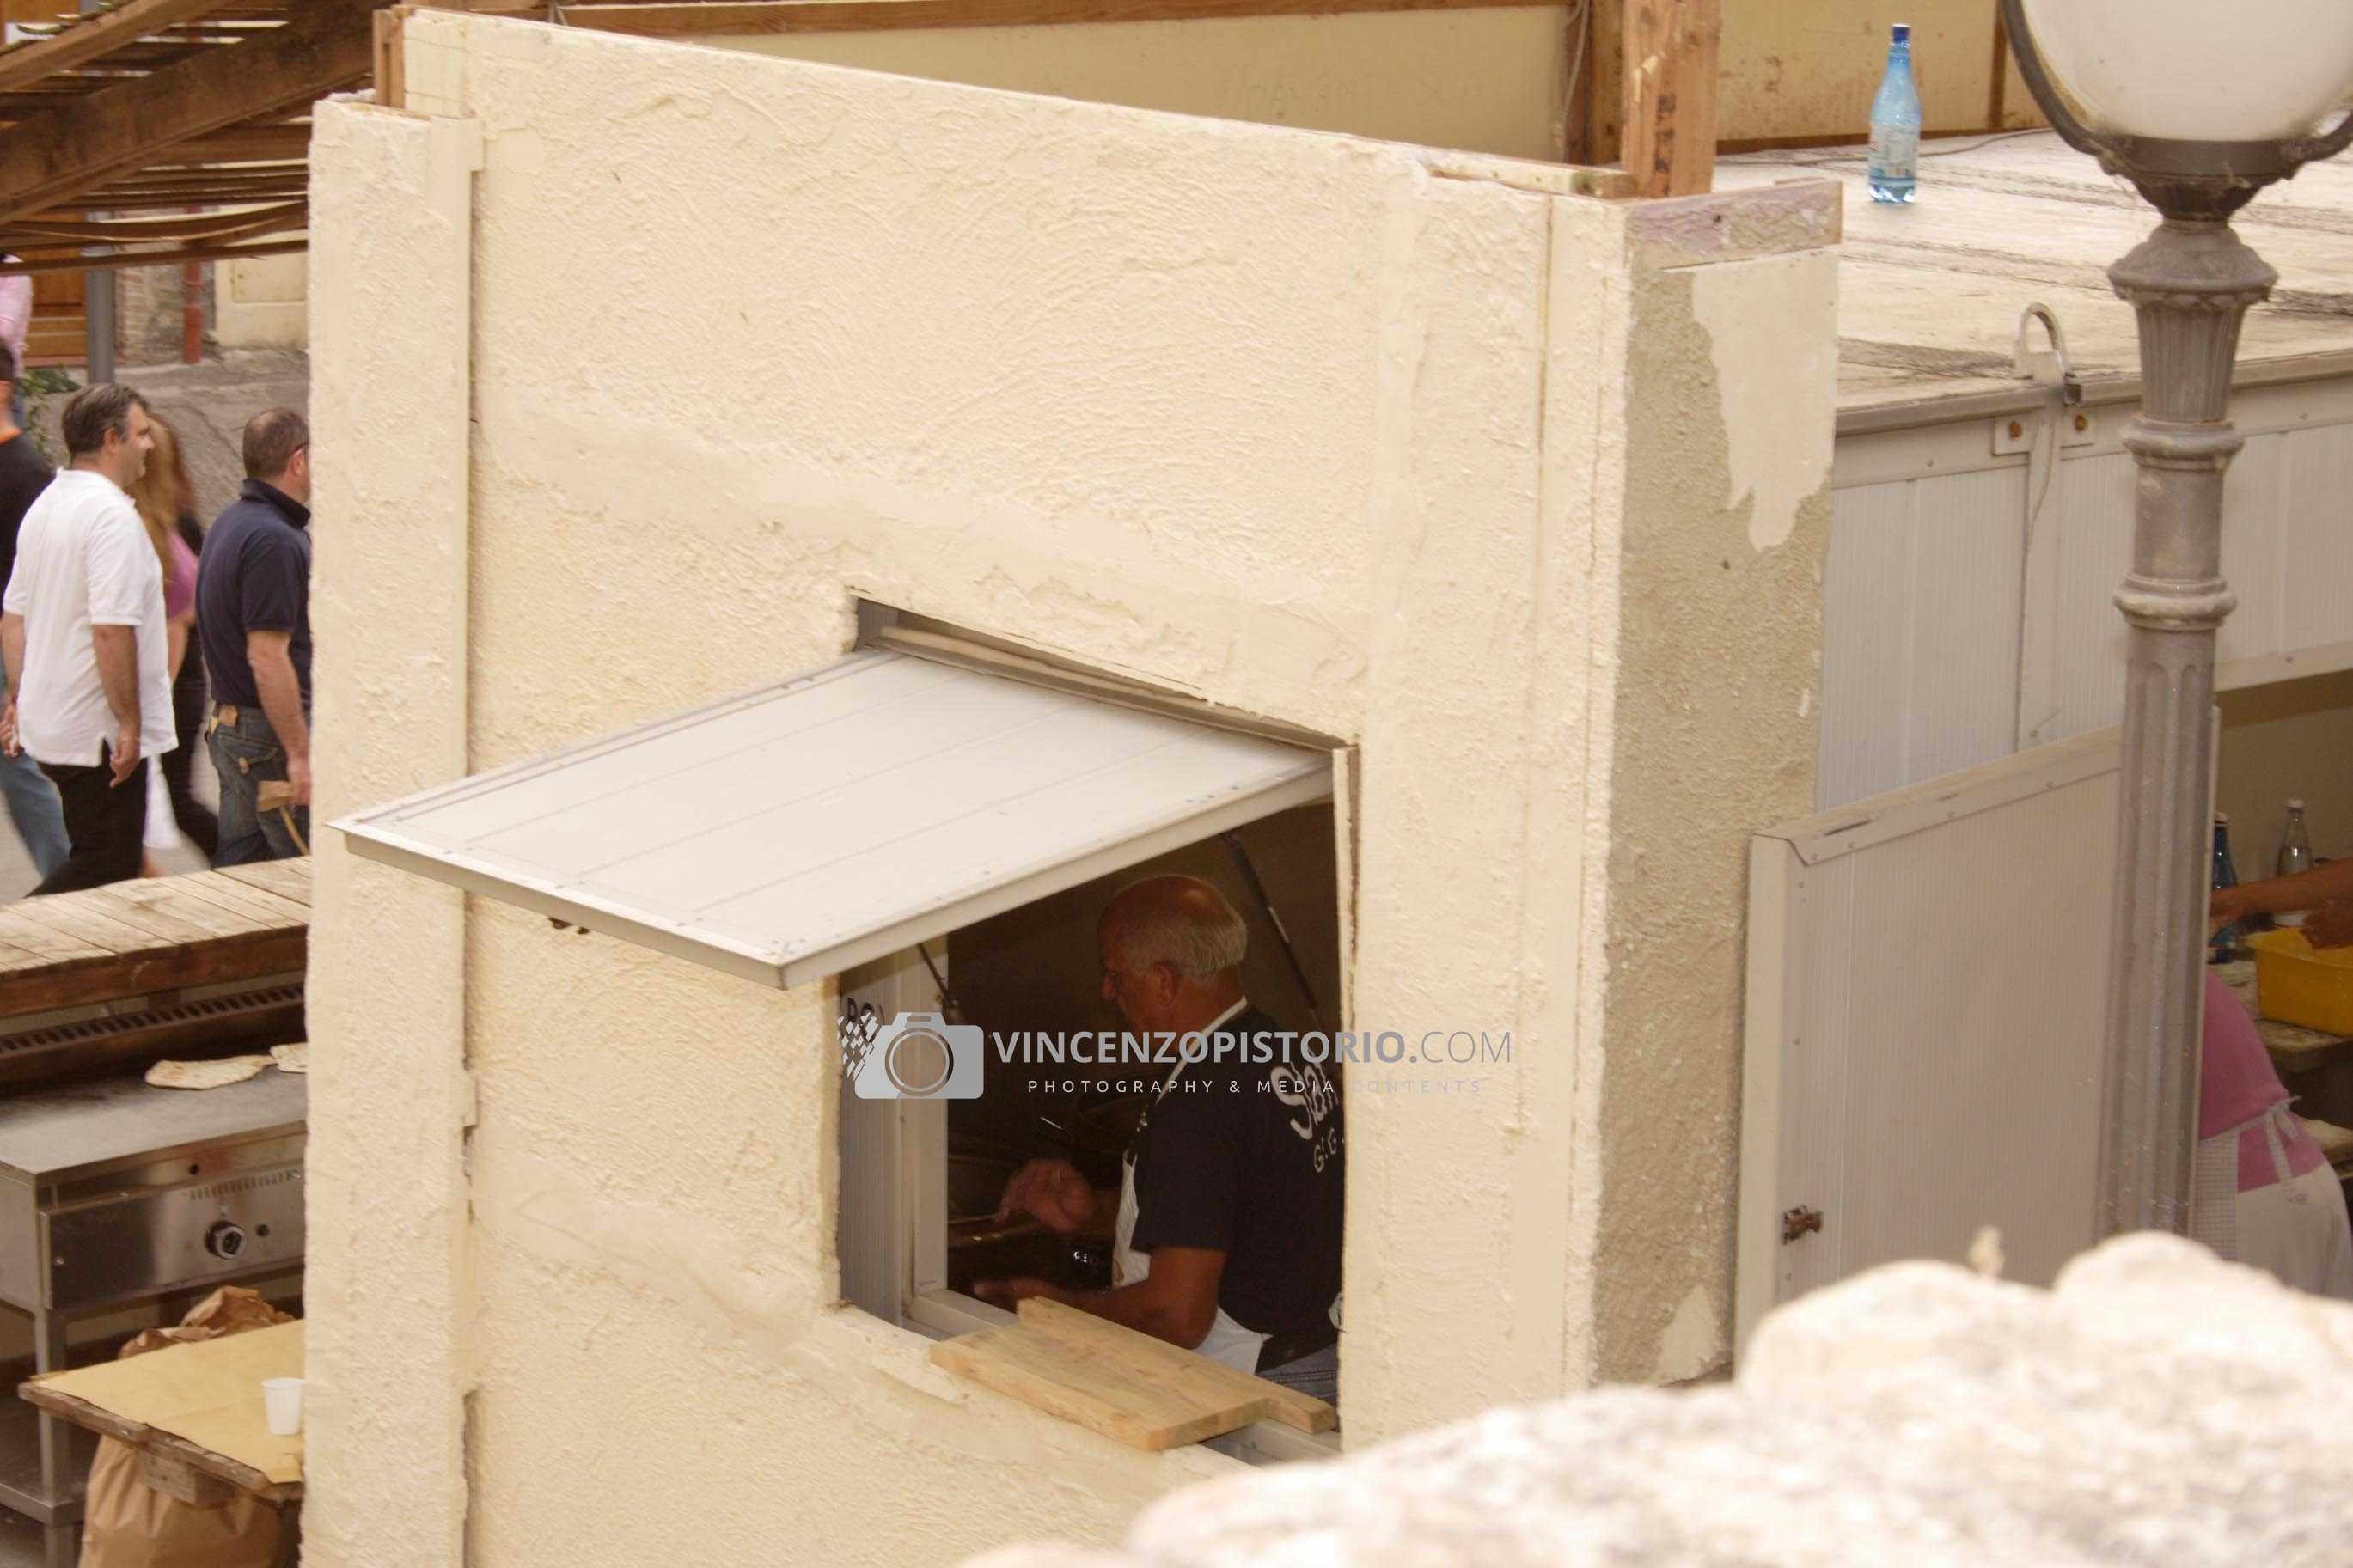 A man preparing fregnacce